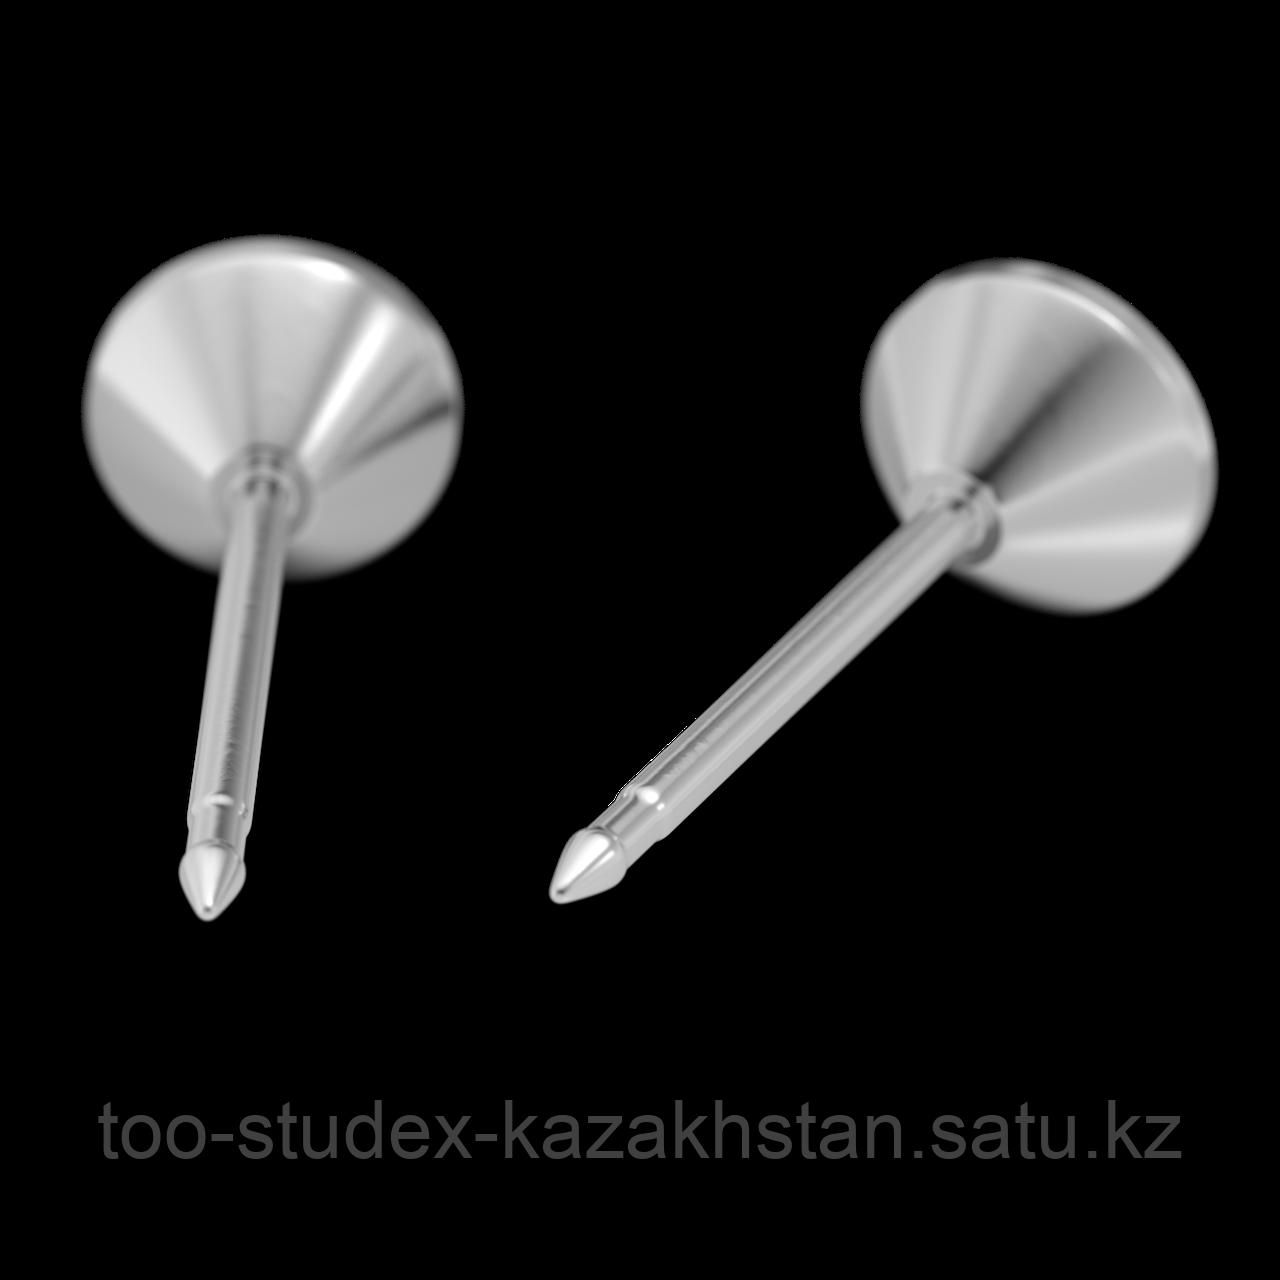 Серьги для прокола STUDEX System75 Зеленый кристалл с цирконом - фото 4